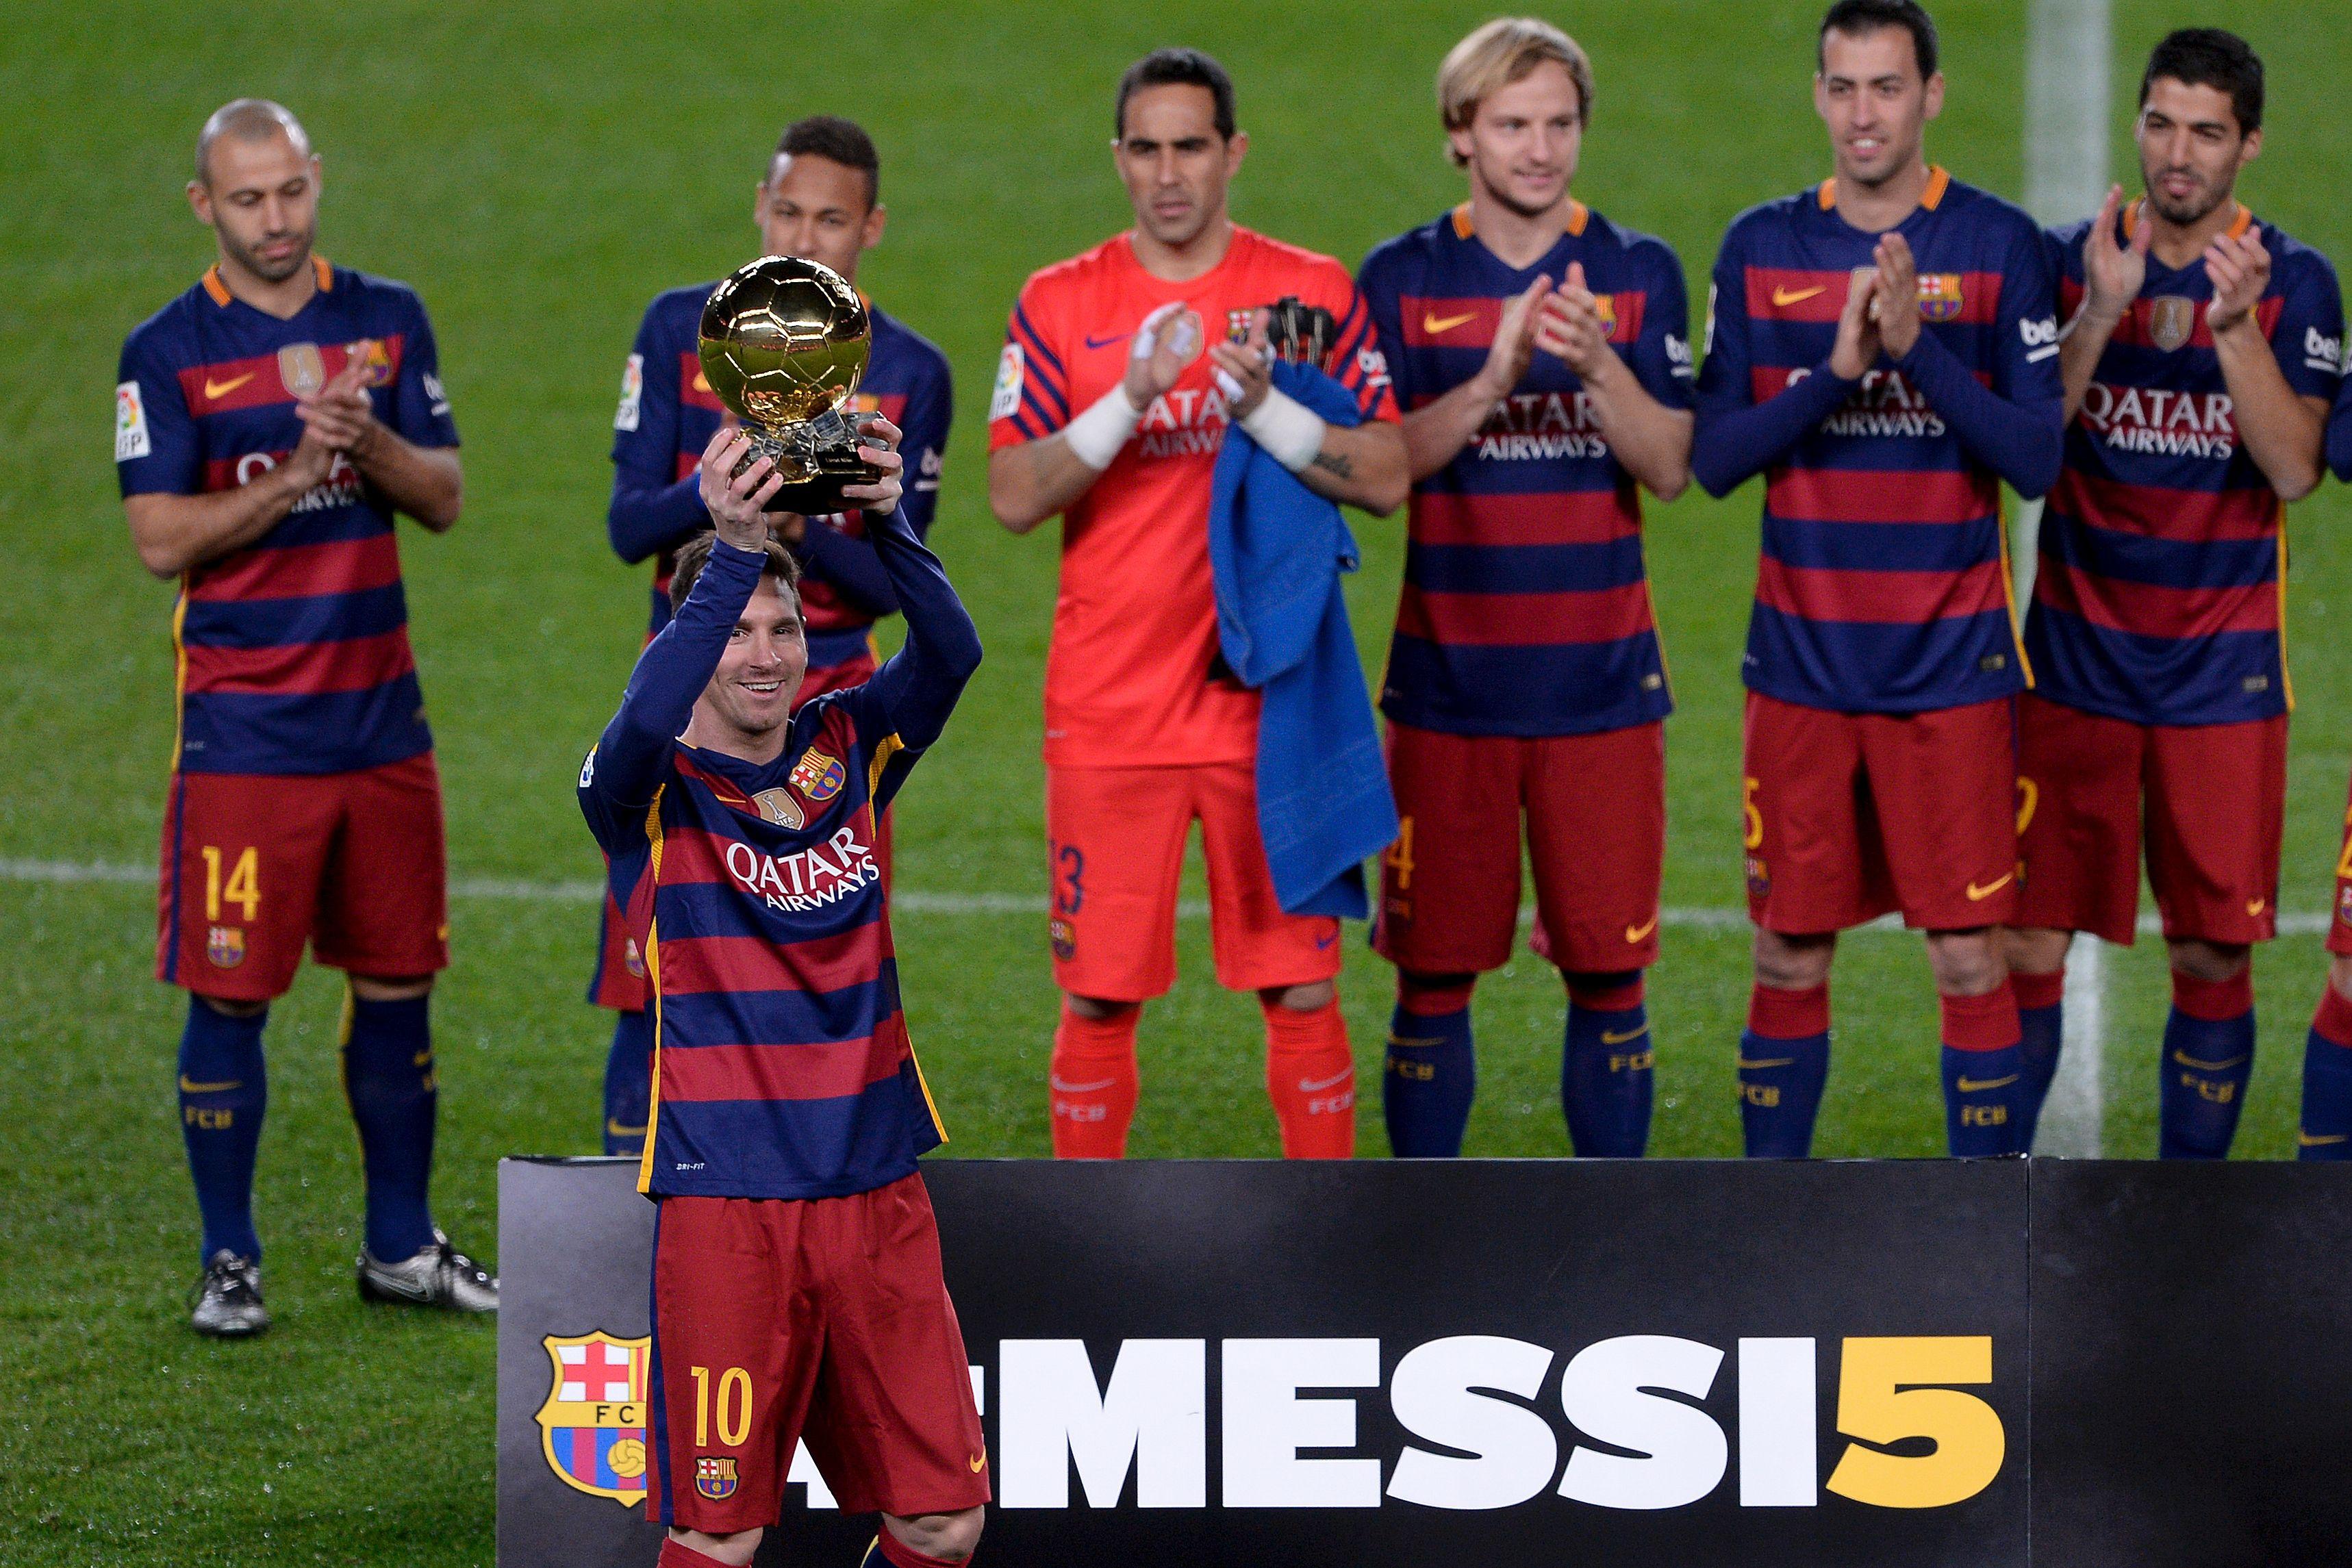 db27c7b294cd0 Messi ofrece su quinto Balón de Oro al Camp Nou